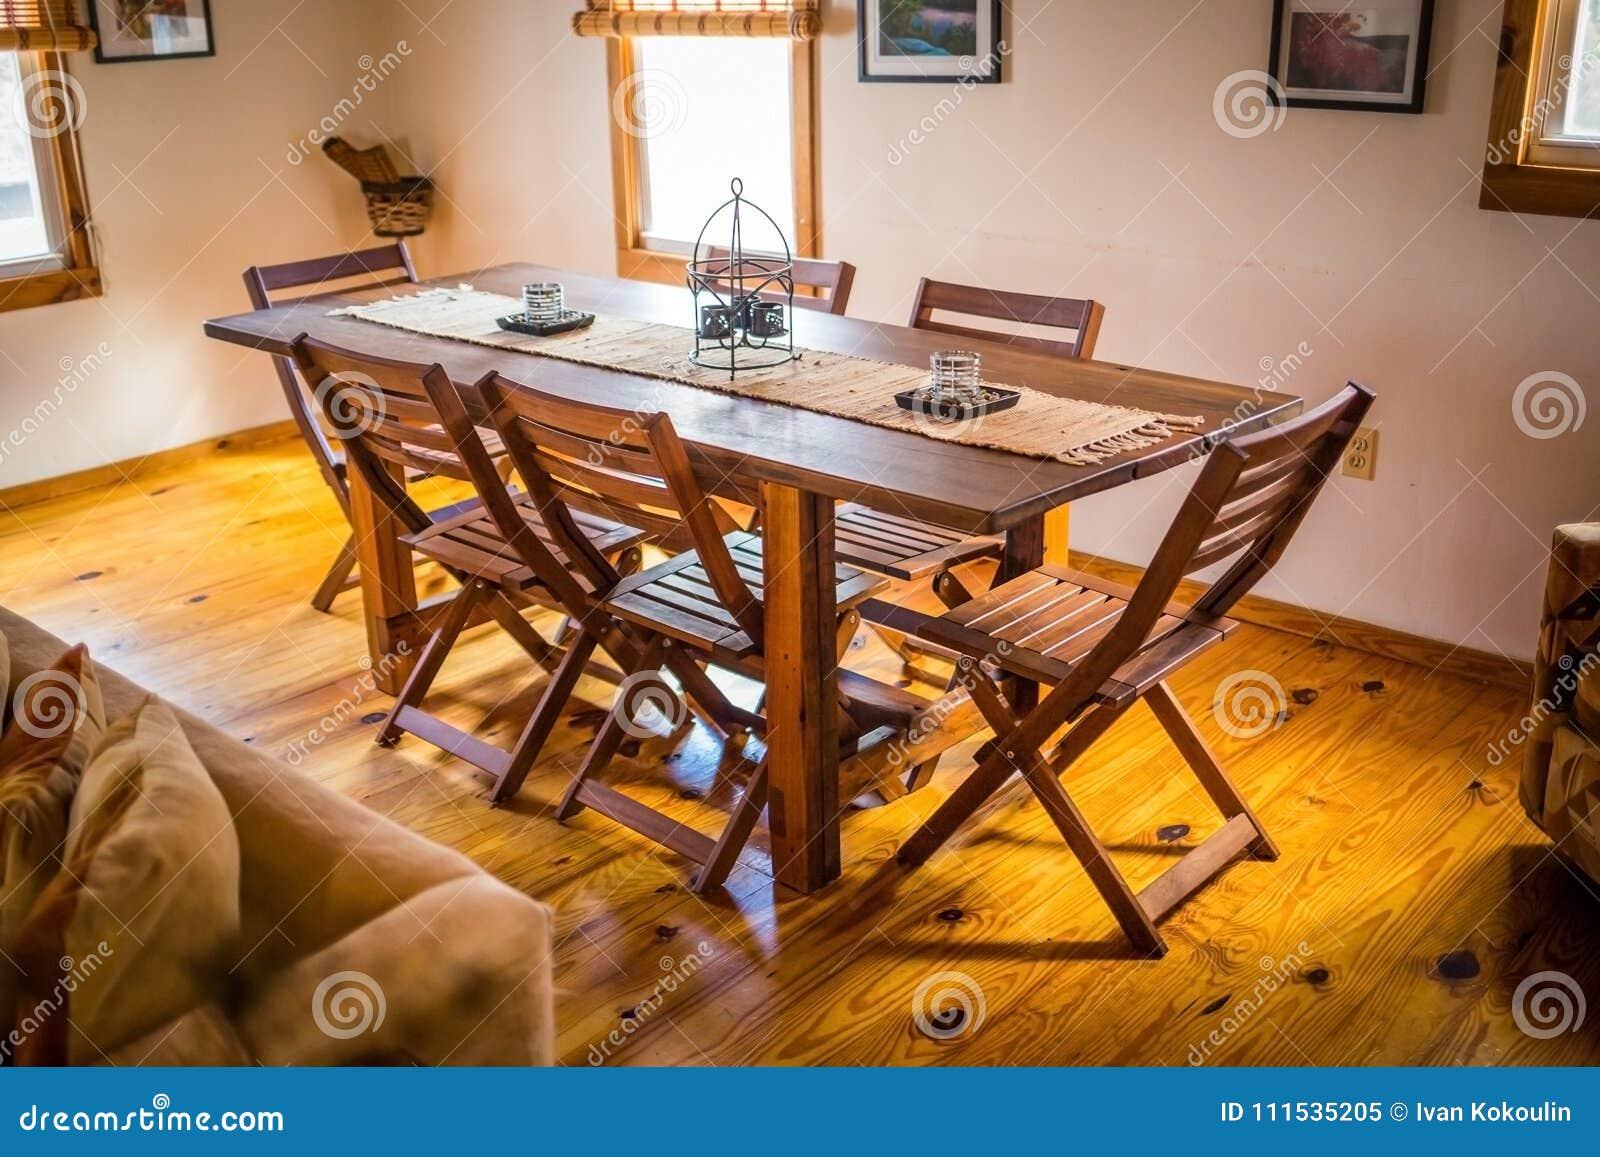 Mesa De Comedor De Madera Vacía En Casa Imagen editorial - Imagen de ...